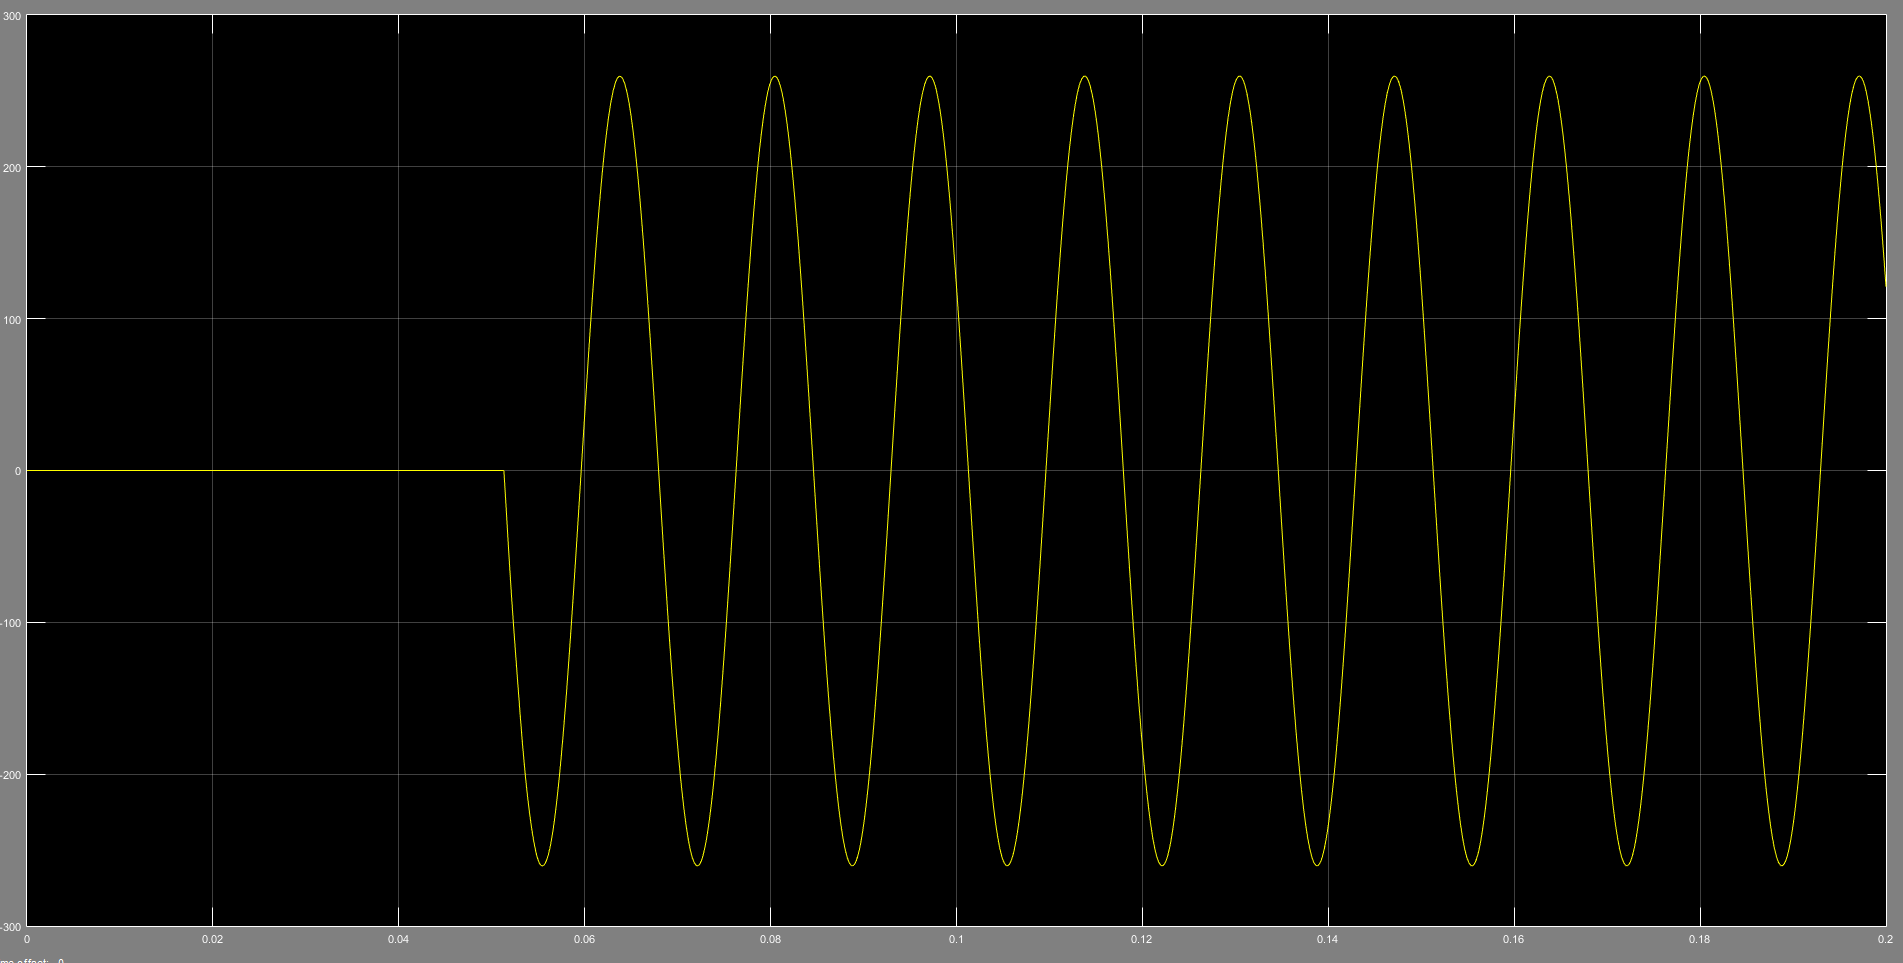 نمودار جریان